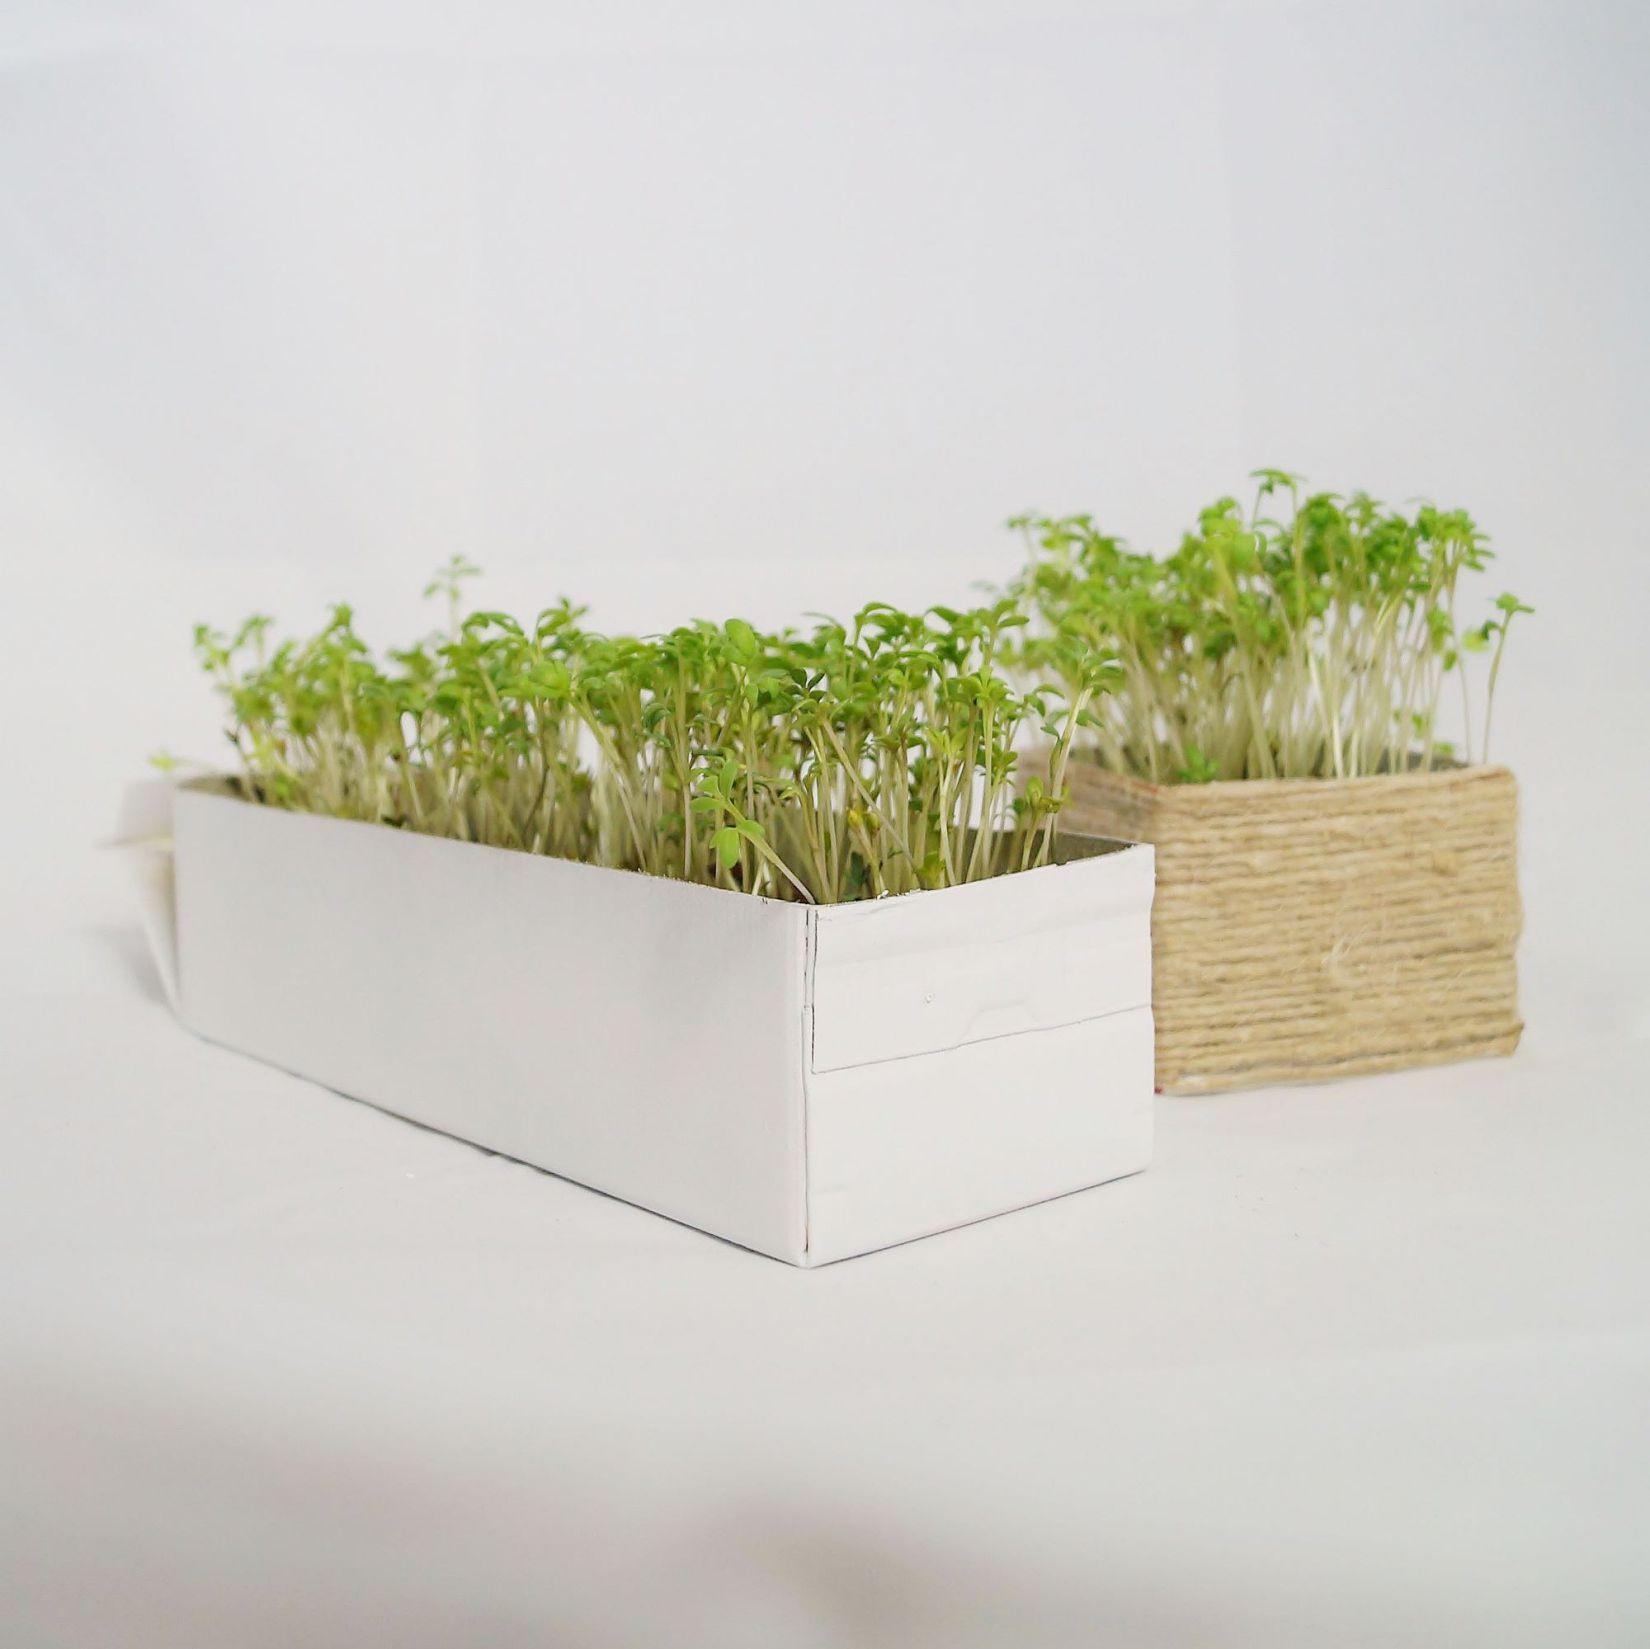 Perfekt Diy Mini Garten Für Die Küche | || Blogger   Outdoor U0026 Garten, Kuchen